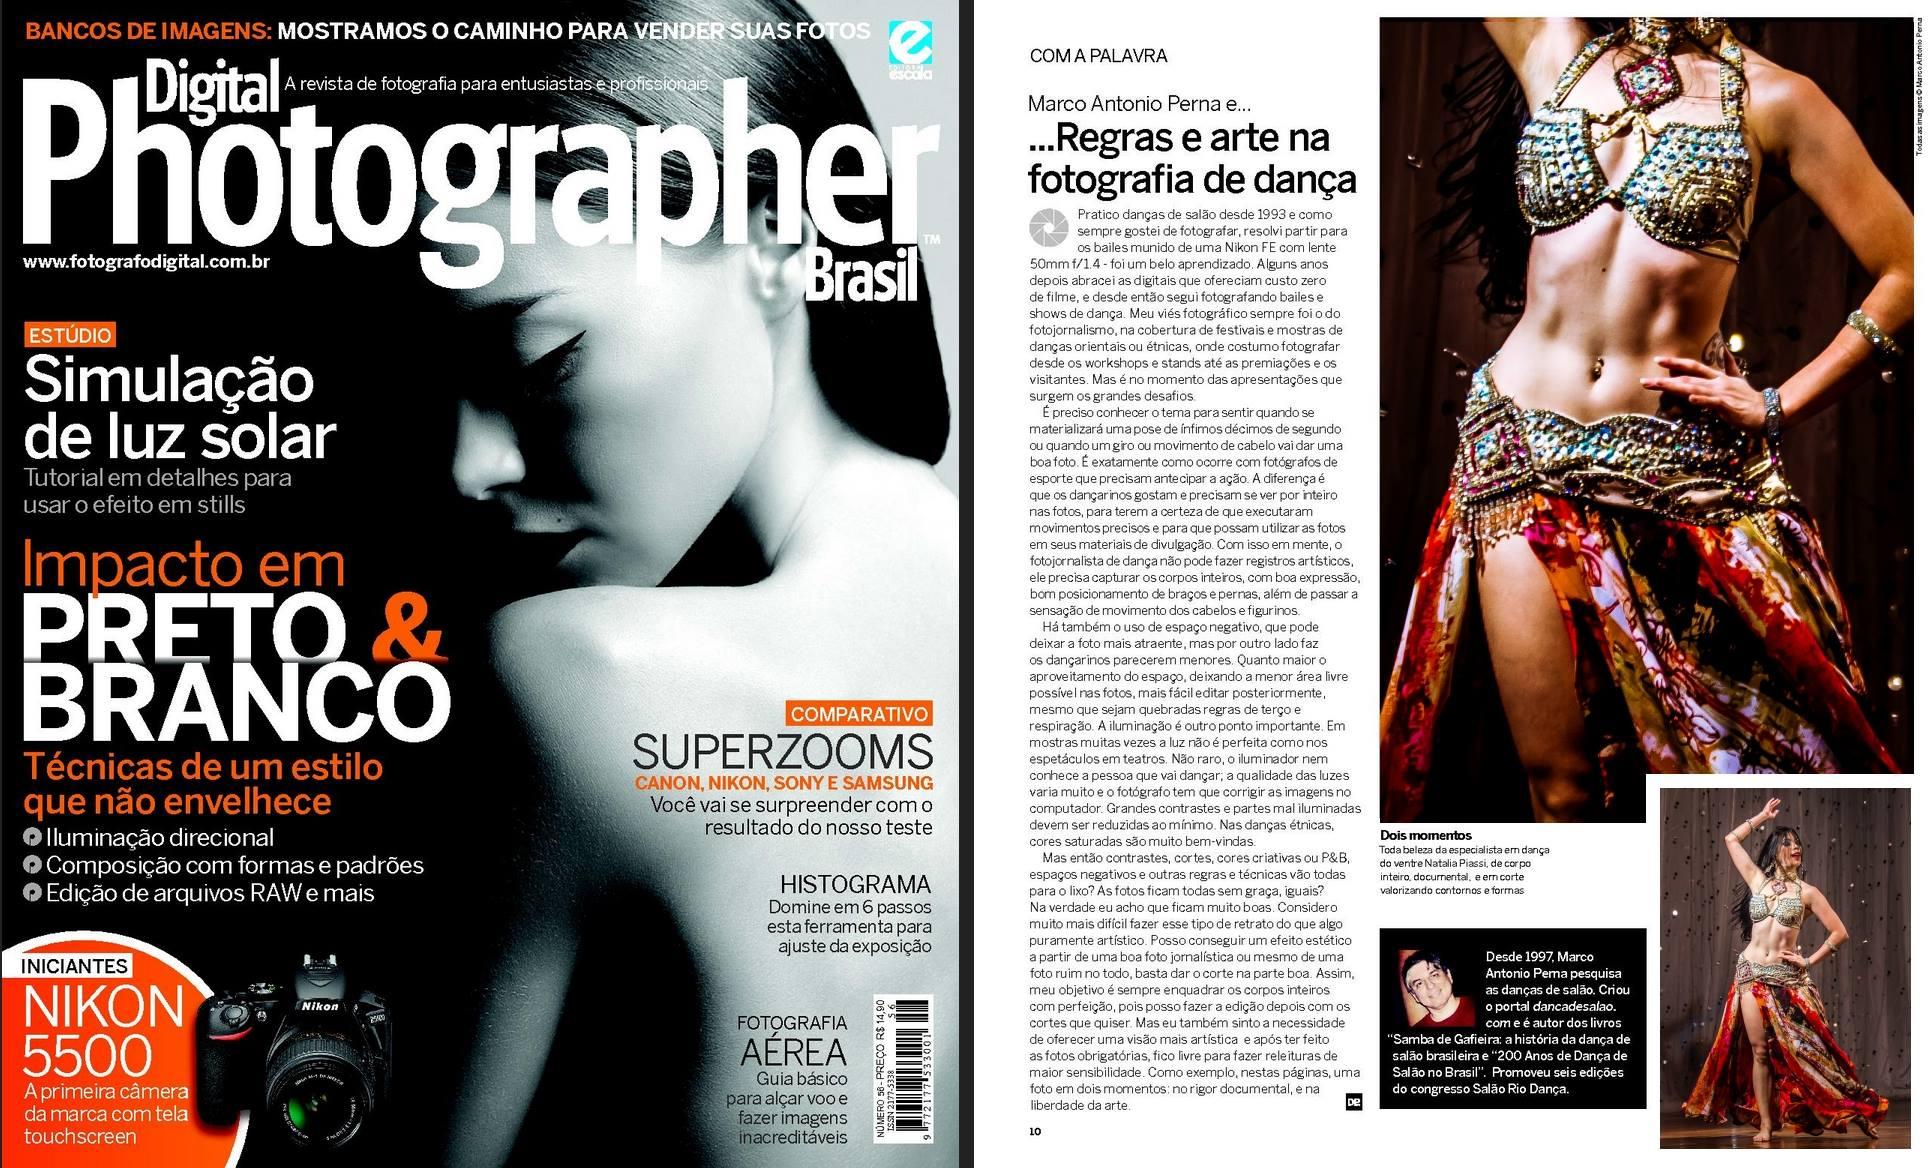 Artigo que escrevi sobre fotografia de dança na revista Digital Photographer 56. Com a belíssima Natália Piassi. Foto tirada na 7a Night Mix Arabic Brasil, da Darah Hamad. A revista está c...